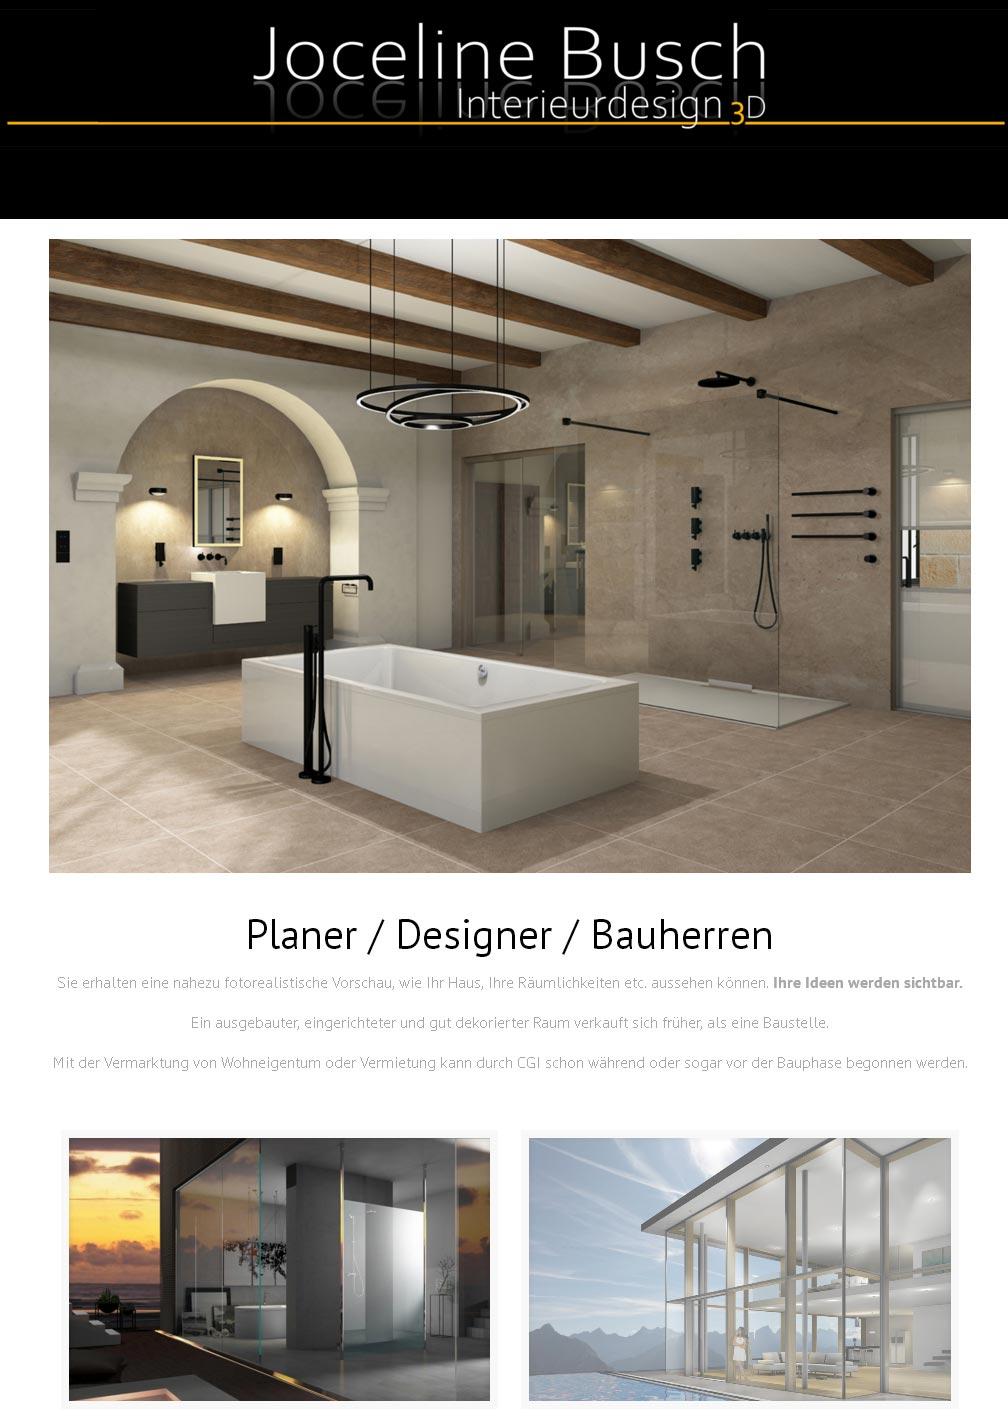 Joceline Busch Interieurdesign<br />Entwicklung der CI, Grafik & Layout für Online<br />www.joceline-busch.de